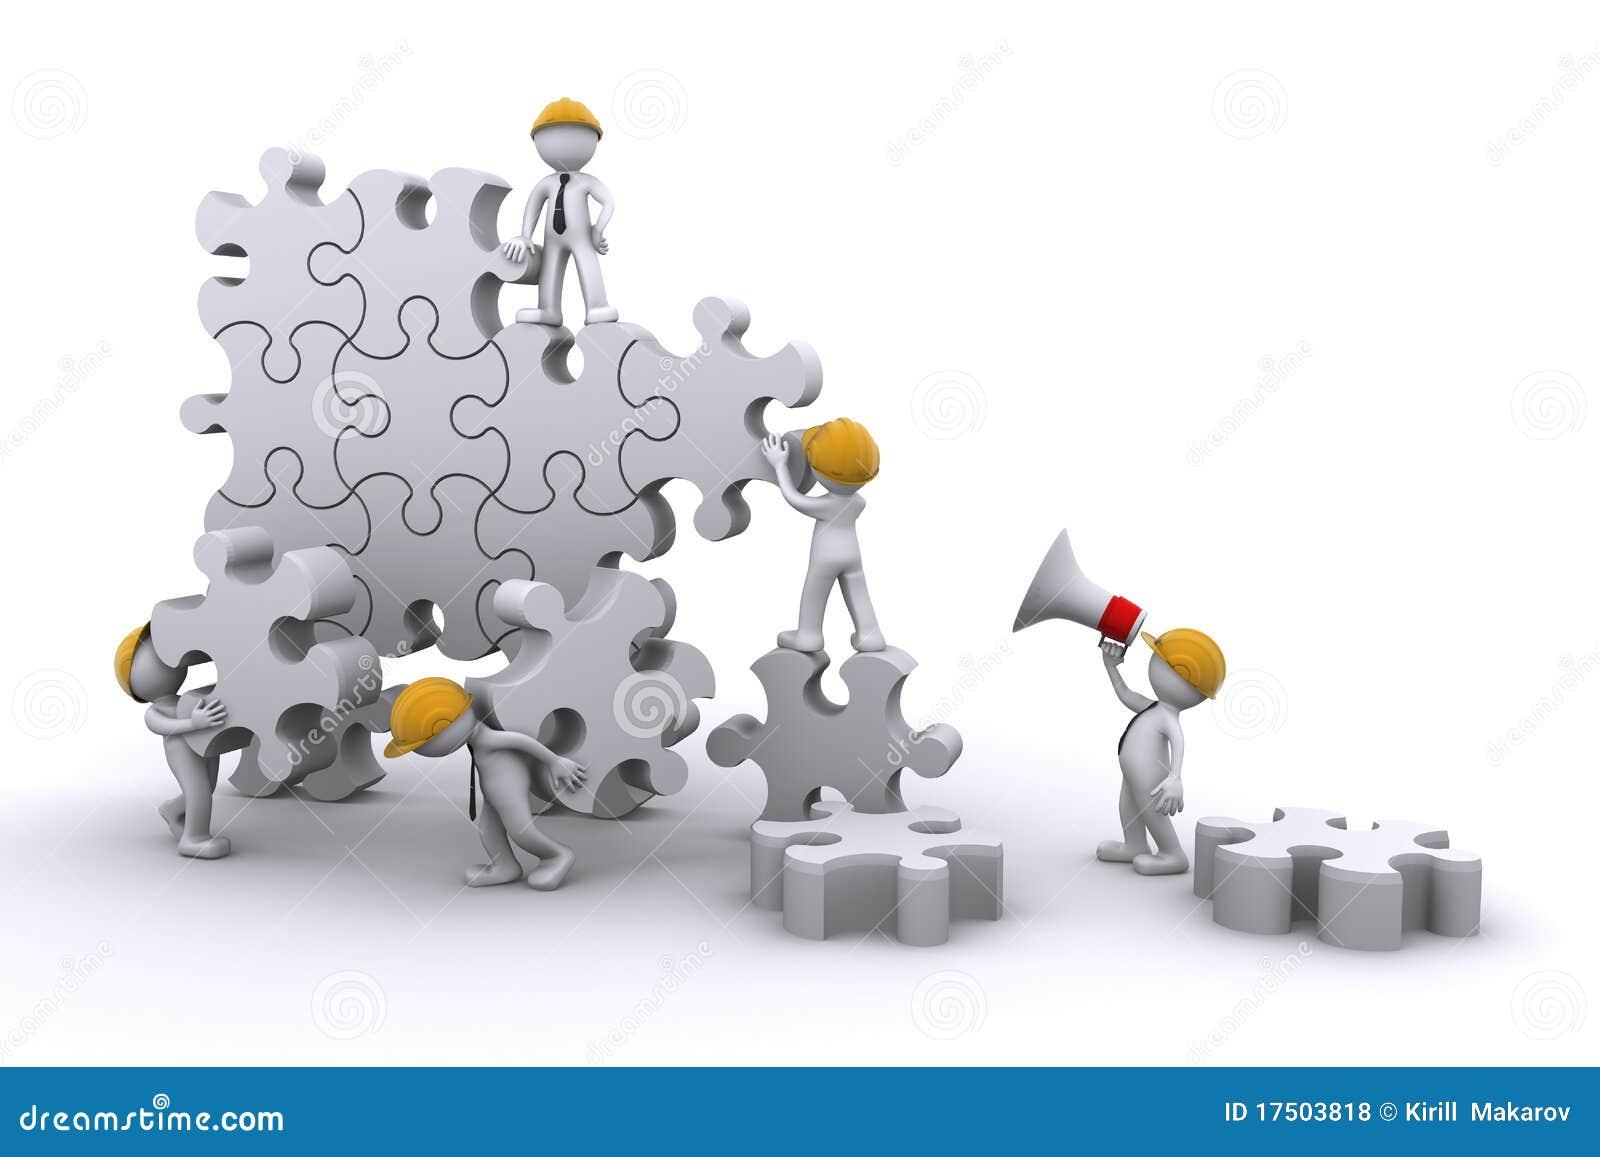 Team Building Clip Art Team building a puzzle.